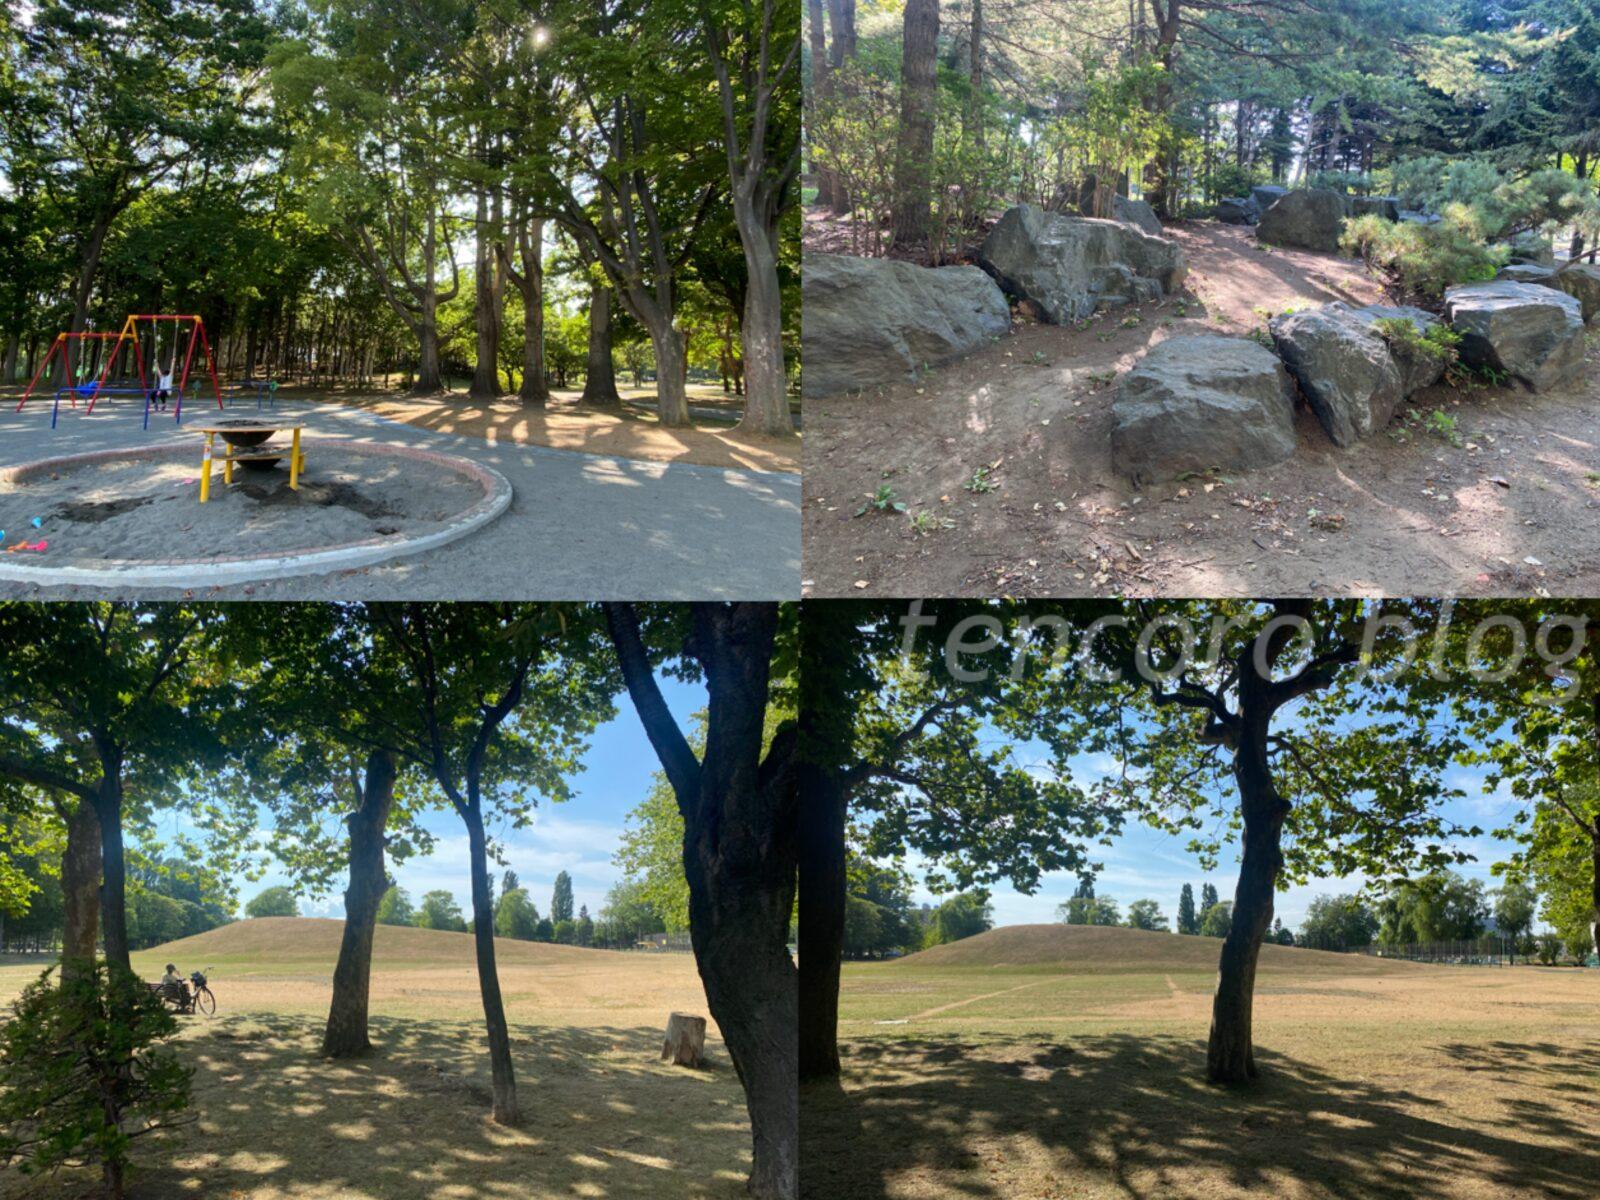 札幌 公園 大規模 伏古